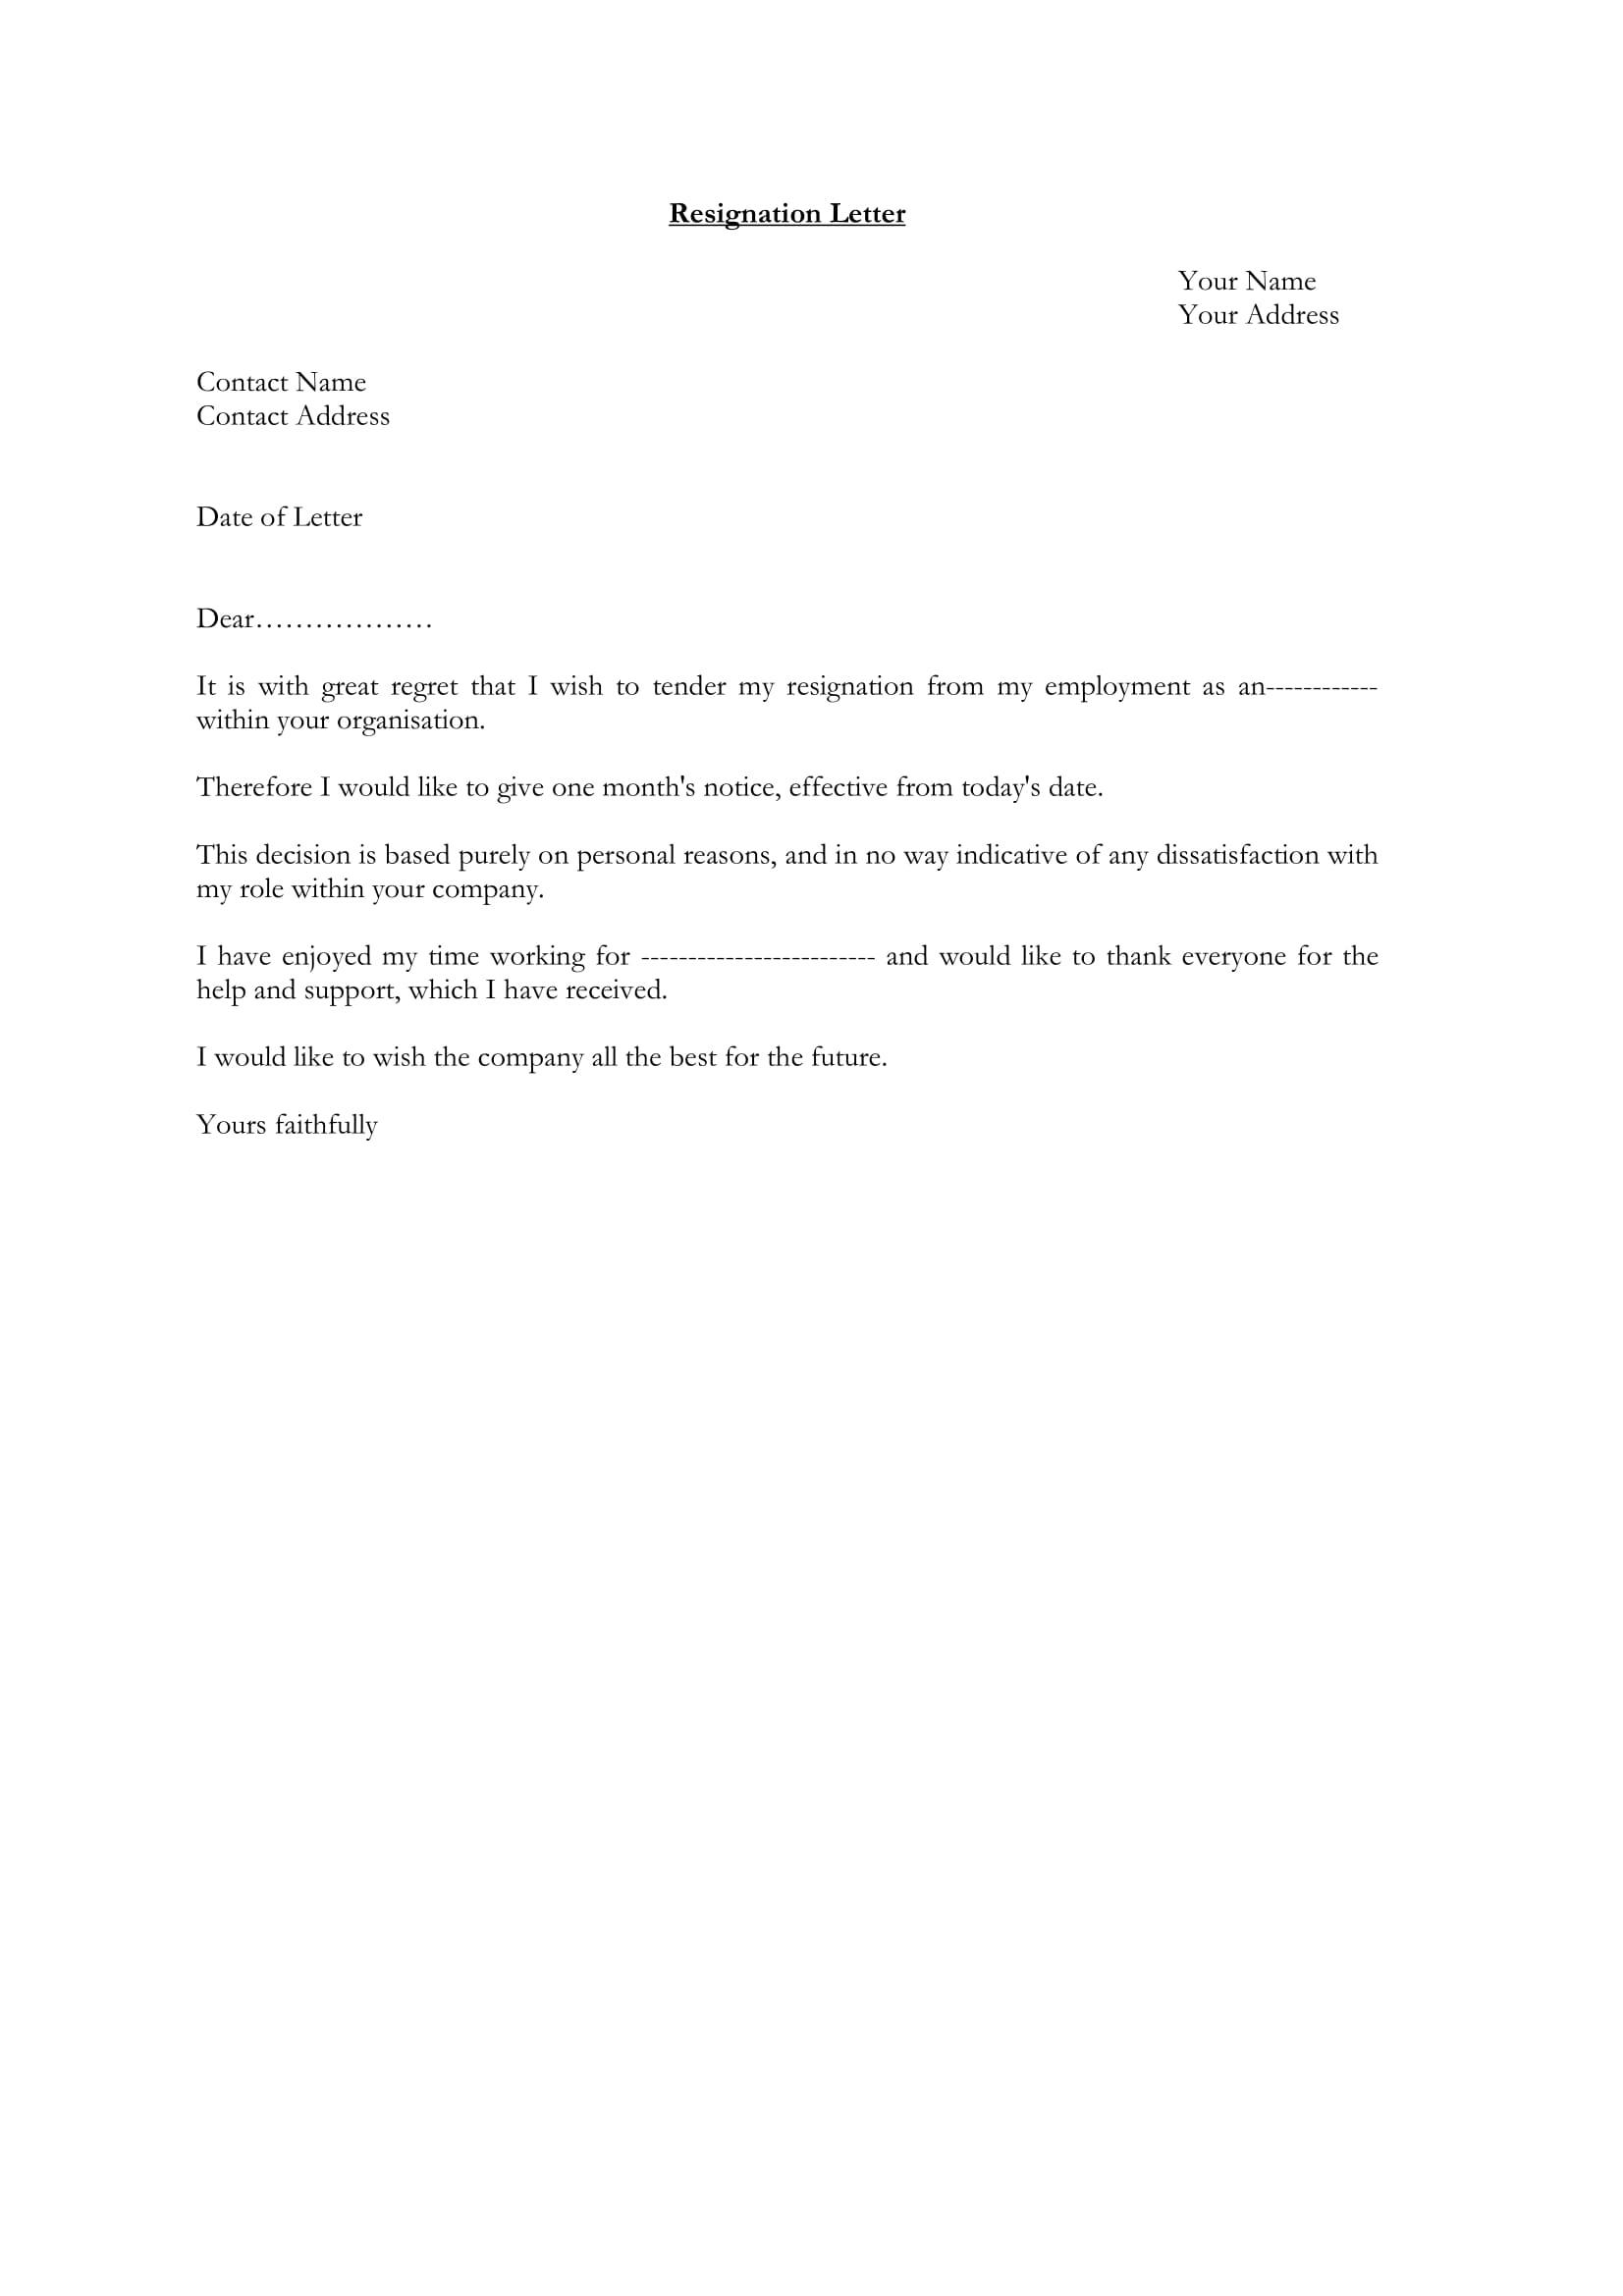 009 Outstanding 2 Week Notice Template Word Sample  Free MicrosoftFull